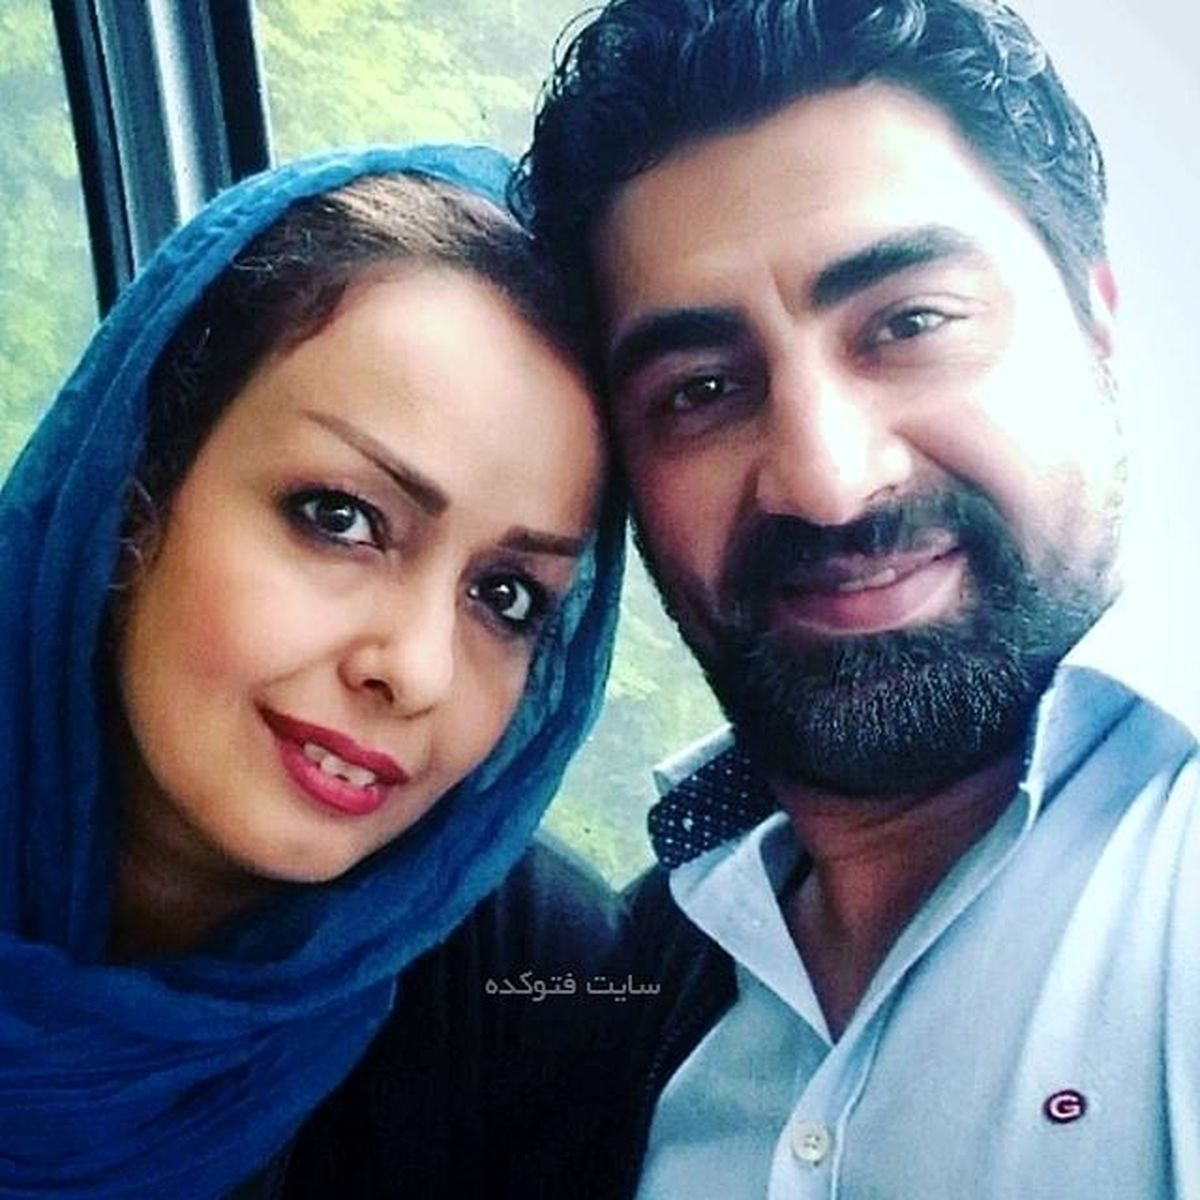 محمدرضا علیمردانی و همسرش در آغوش هم!+عکس